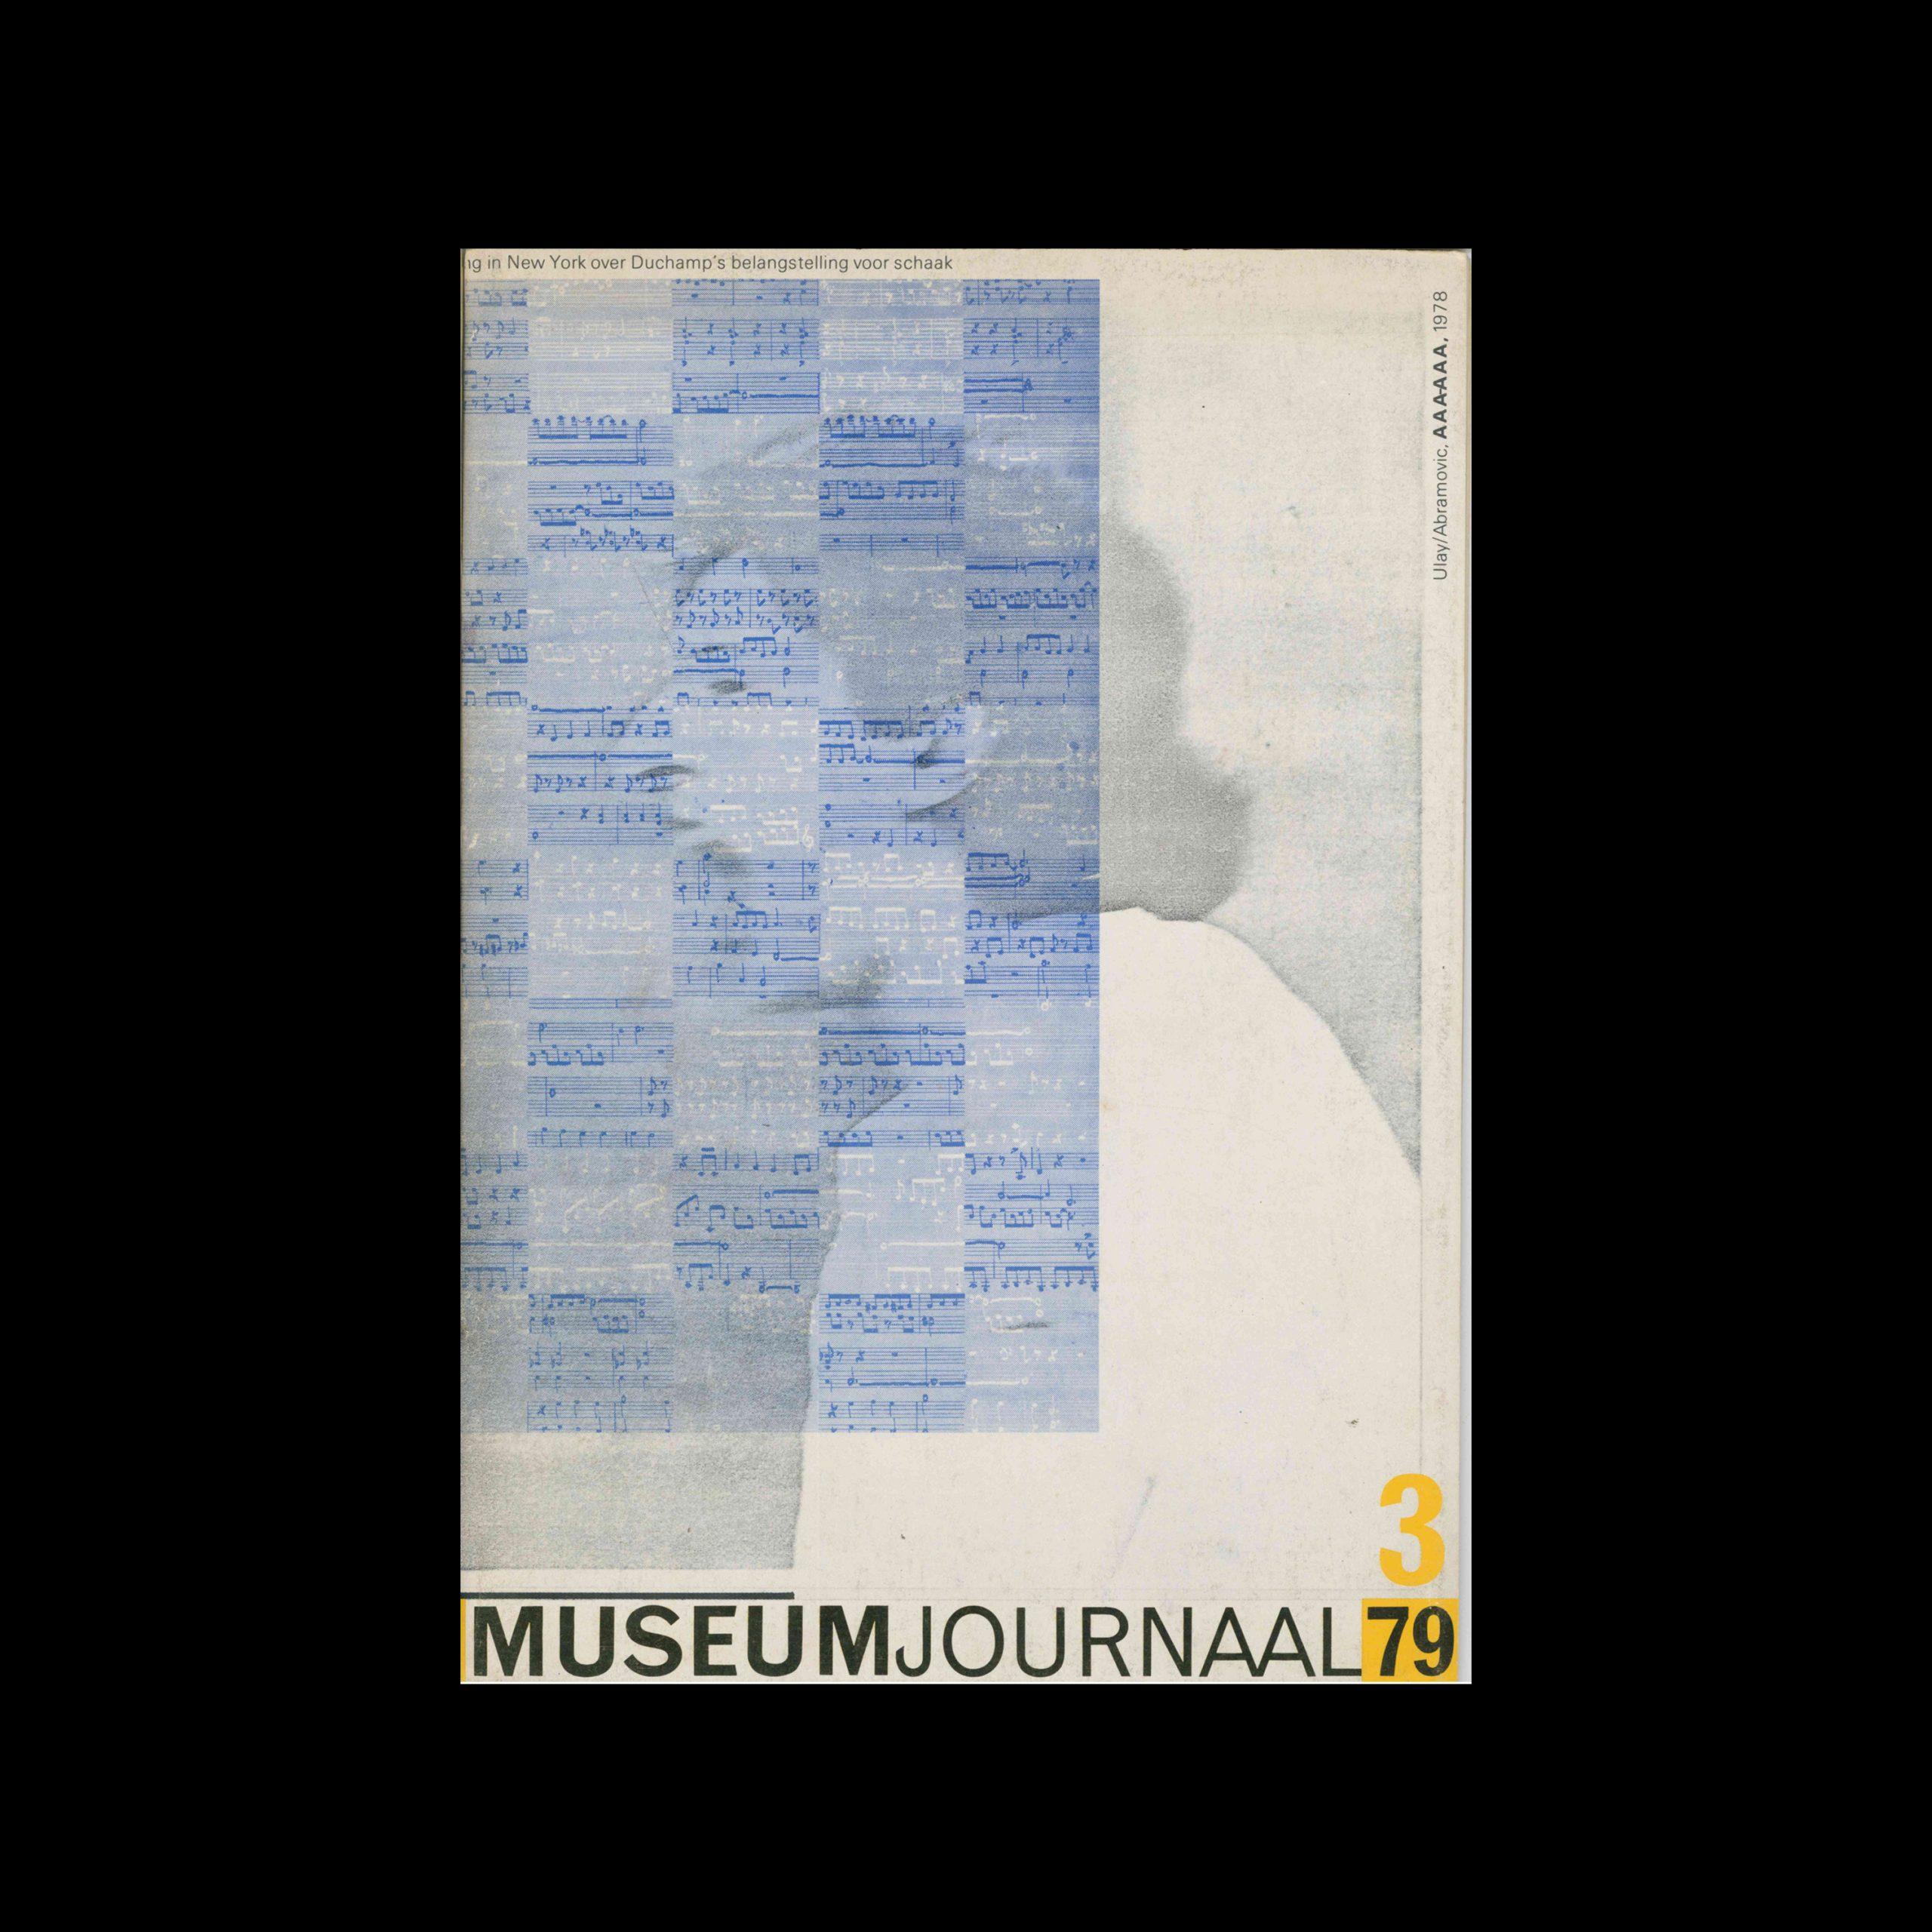 Museumjournaal, Serie 24 no3, 1979. Cover design by Jan van Toorn.